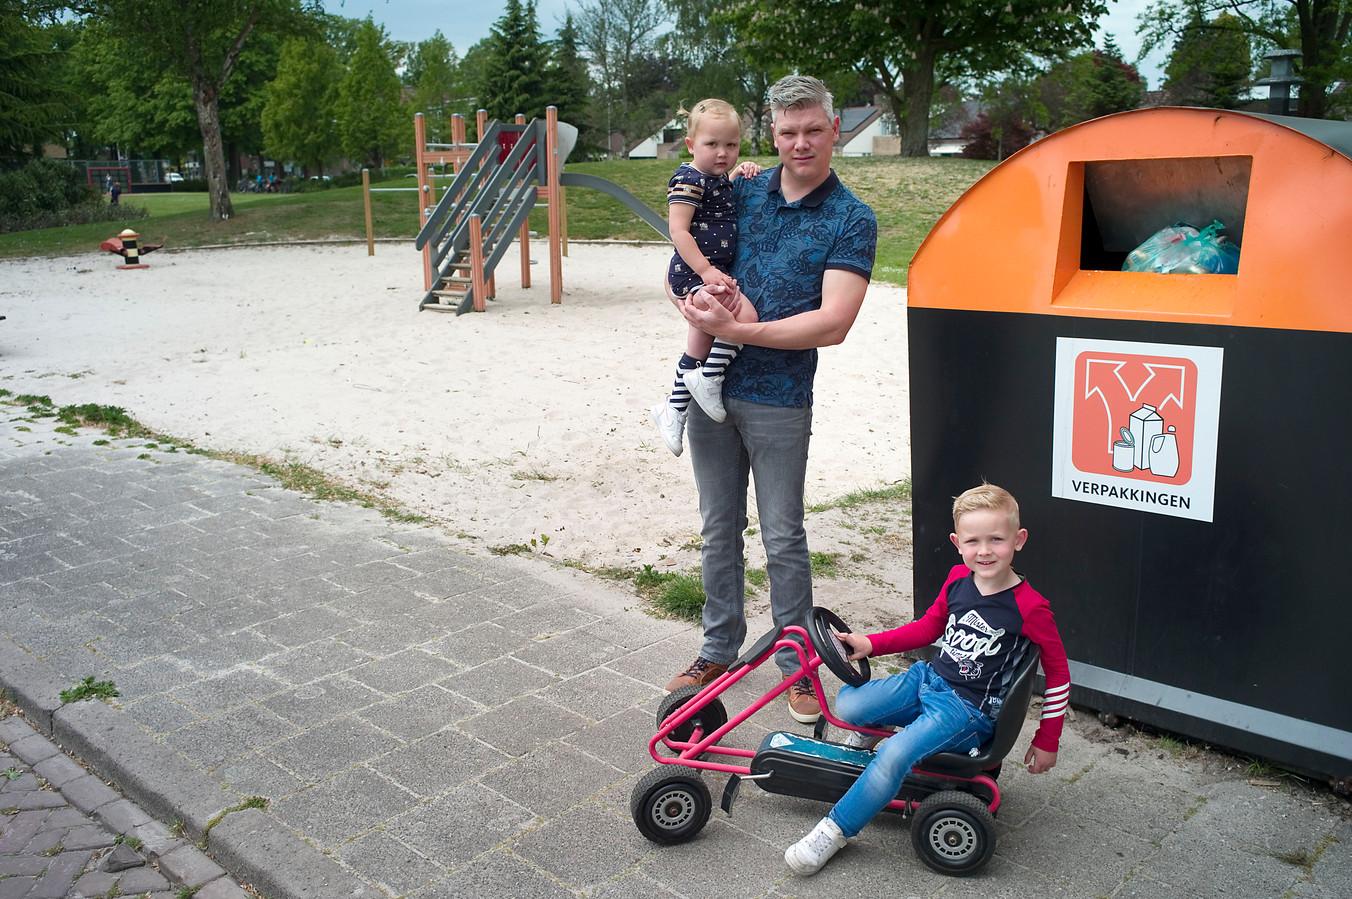 Vader Tom Veldhuis vond zaterdagochtend asbestplaatjes in de speeltuin waar zijn kinderen Liz (2) en Daan wilden spelen. Hij belde de politie en spreekt schande van diegene die een asbestplaat bij de naastgelegen container neerzette.